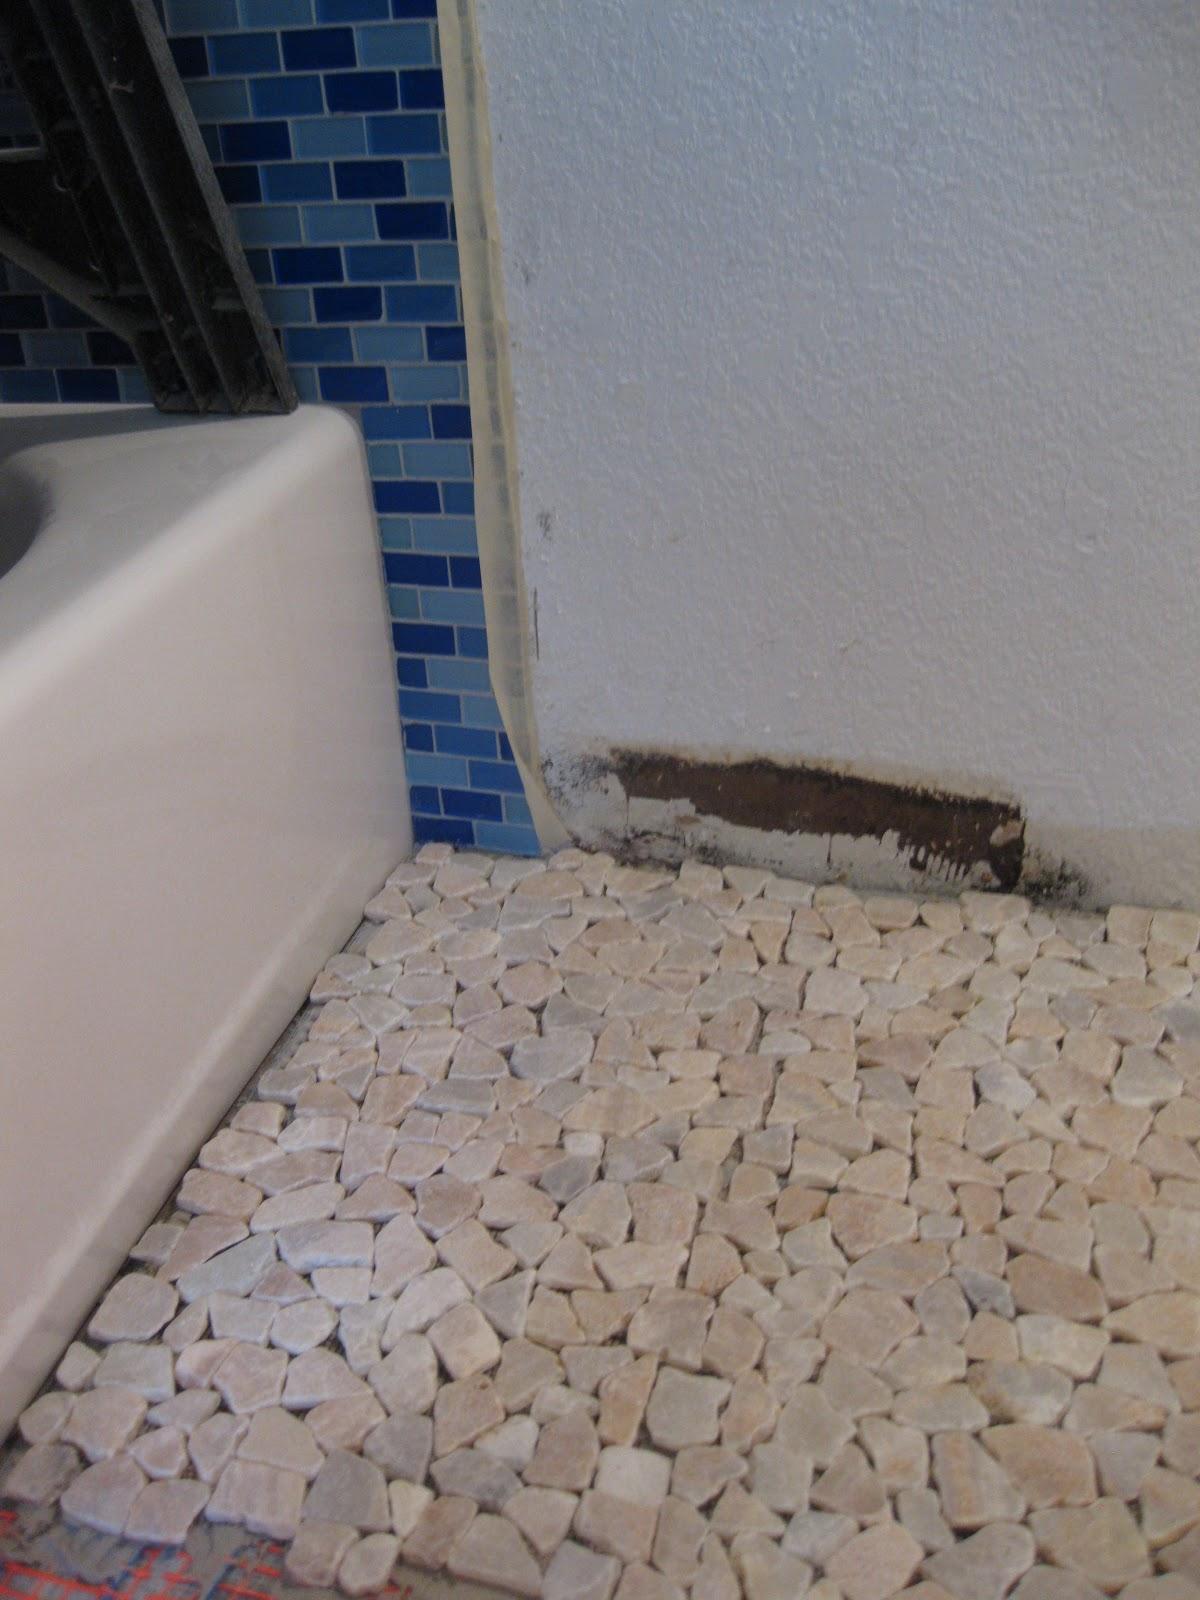 Innovative Flooring Heated Stone bathroom floor